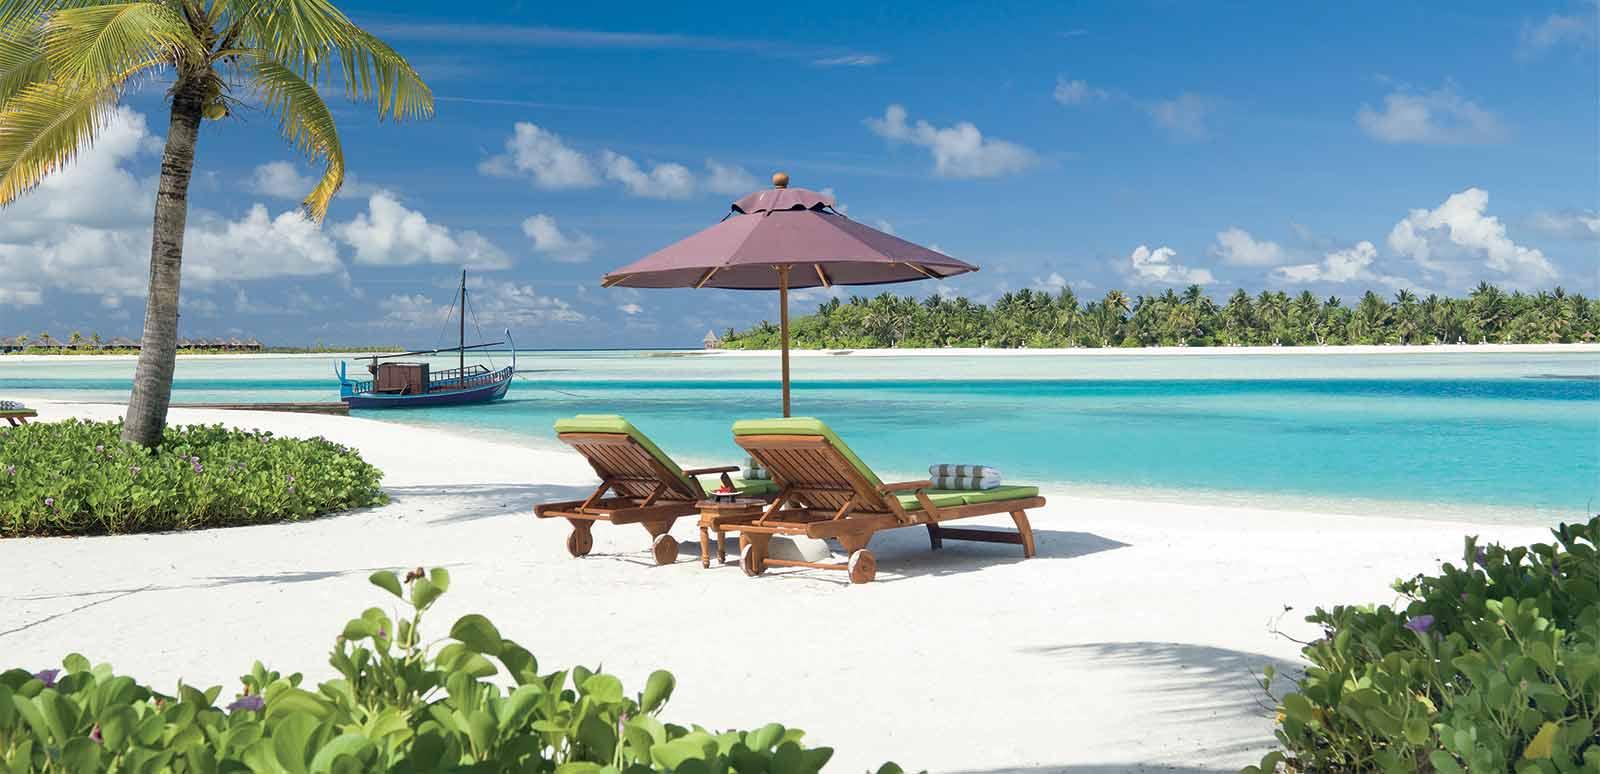 viajes a Anantara Naladhu Maldives